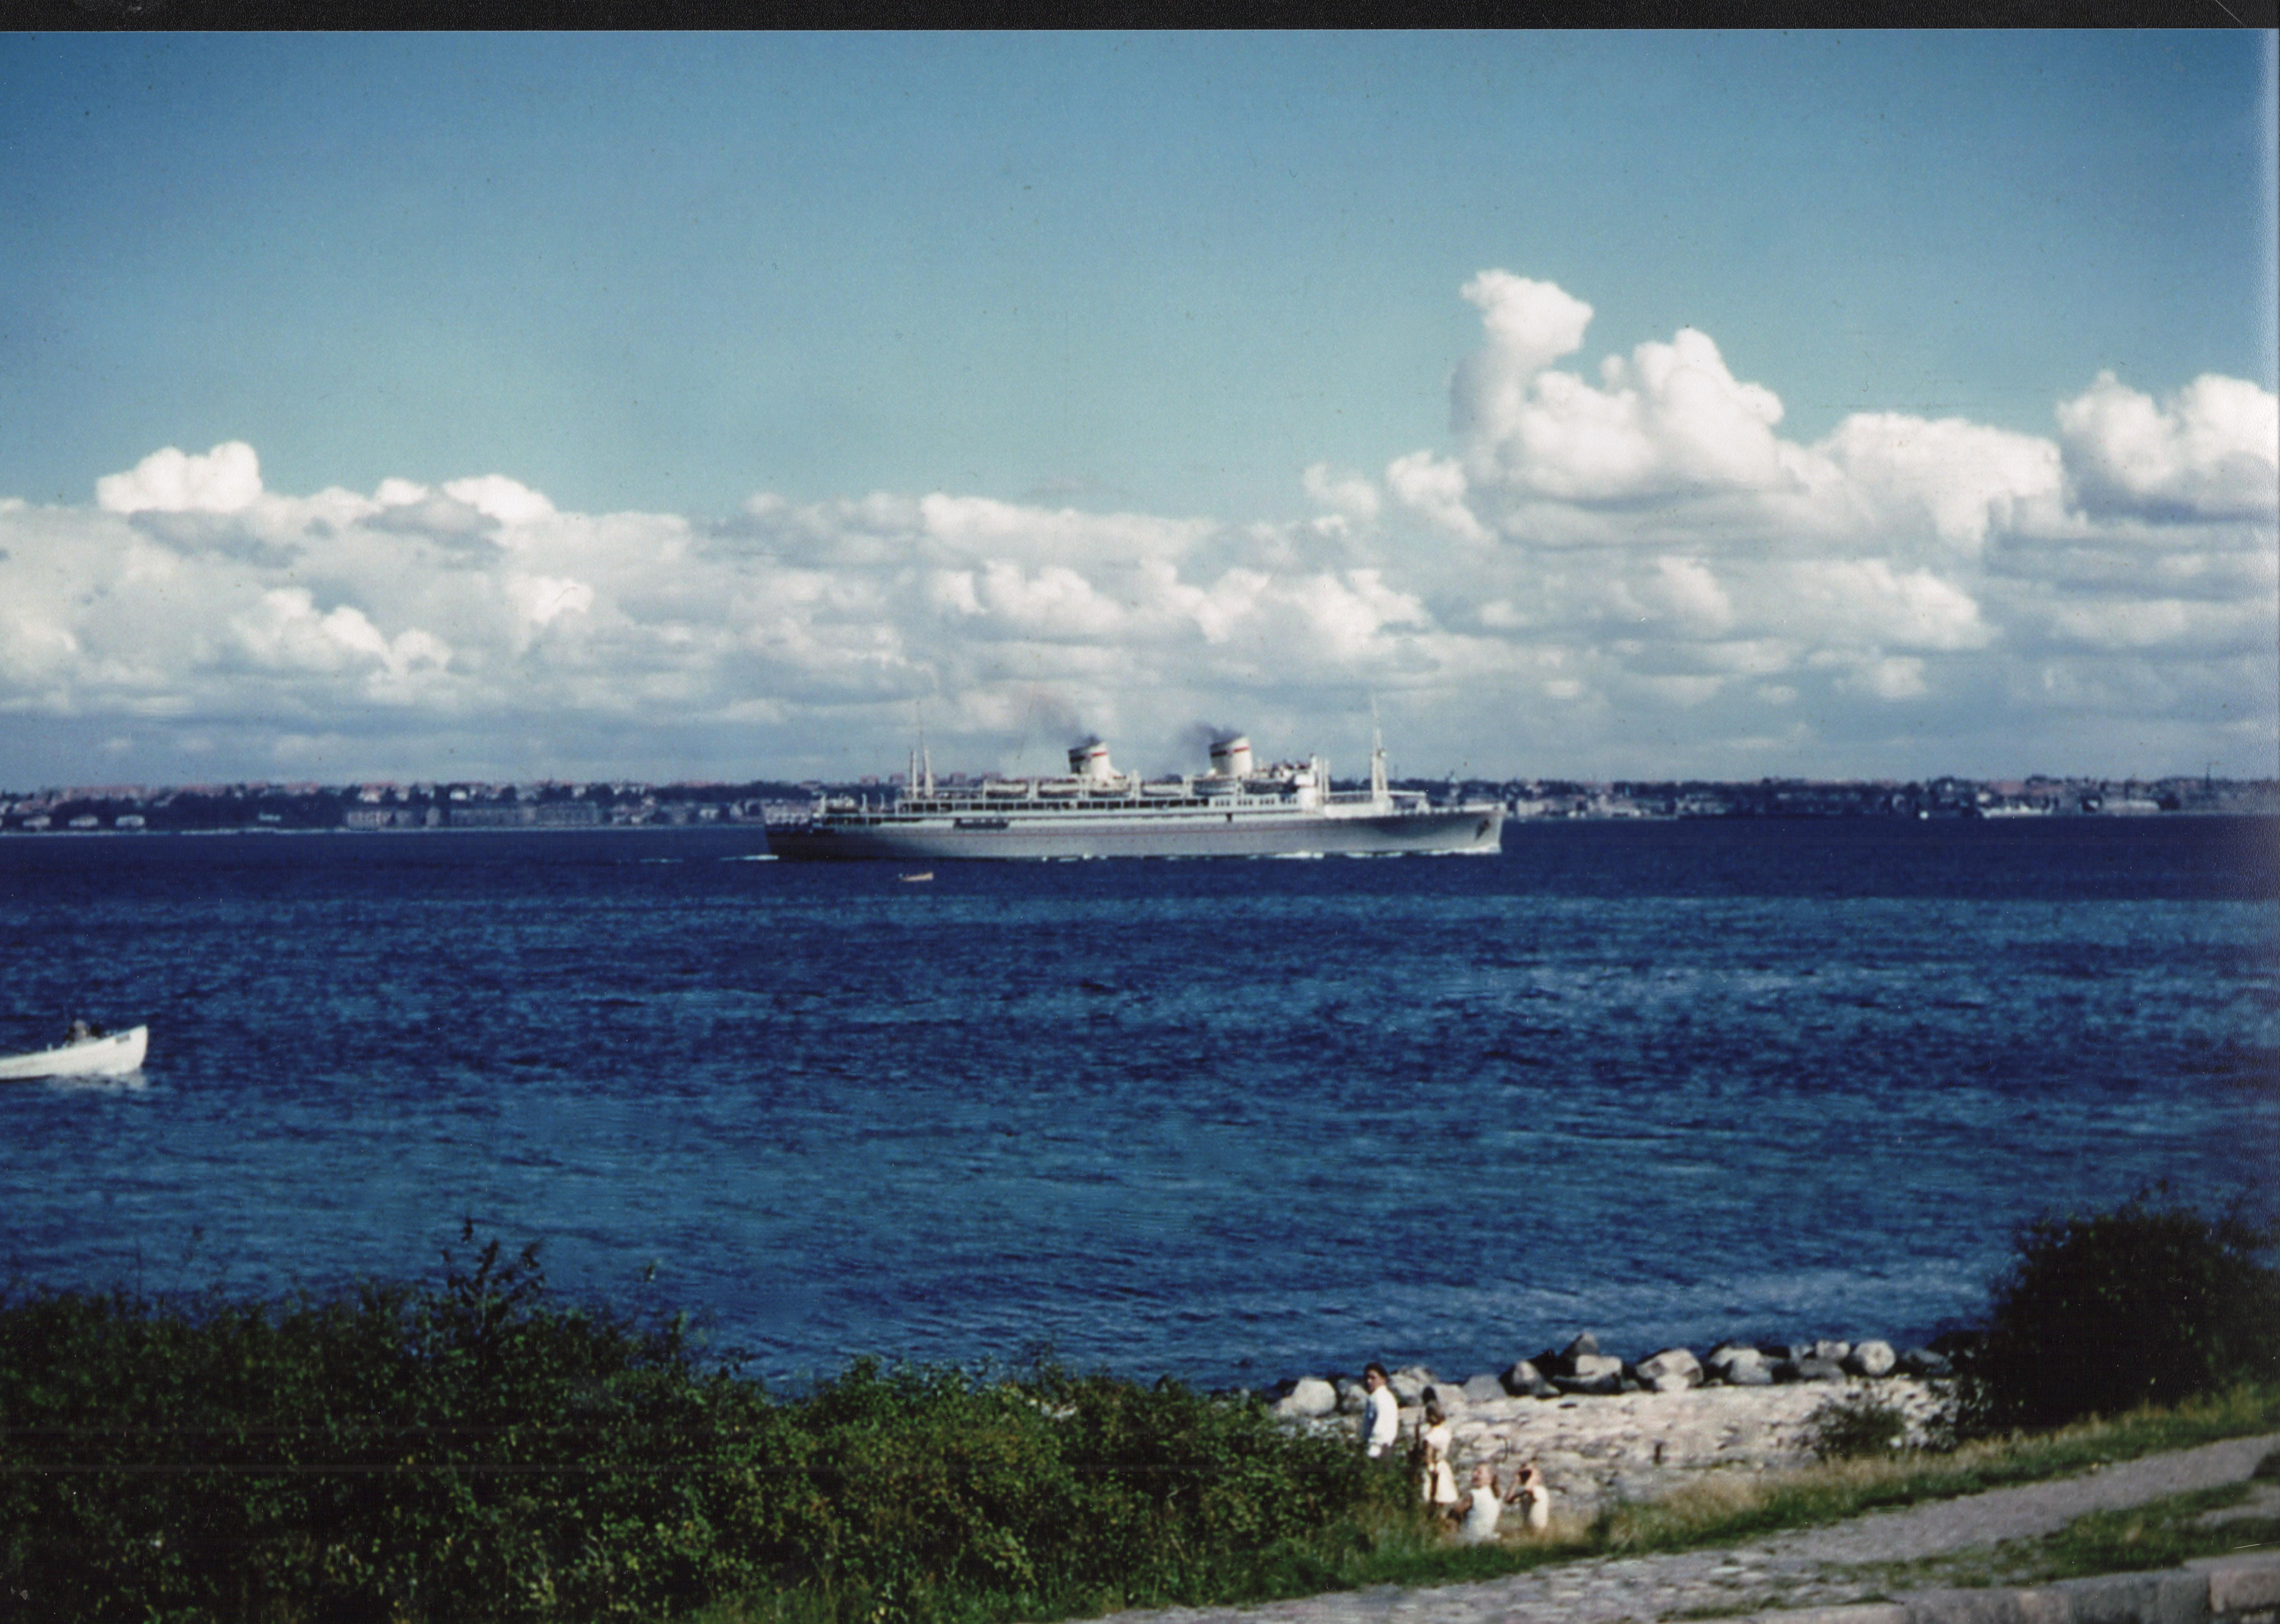 kolorowe zdjęcie przedstawiające statek na morzu